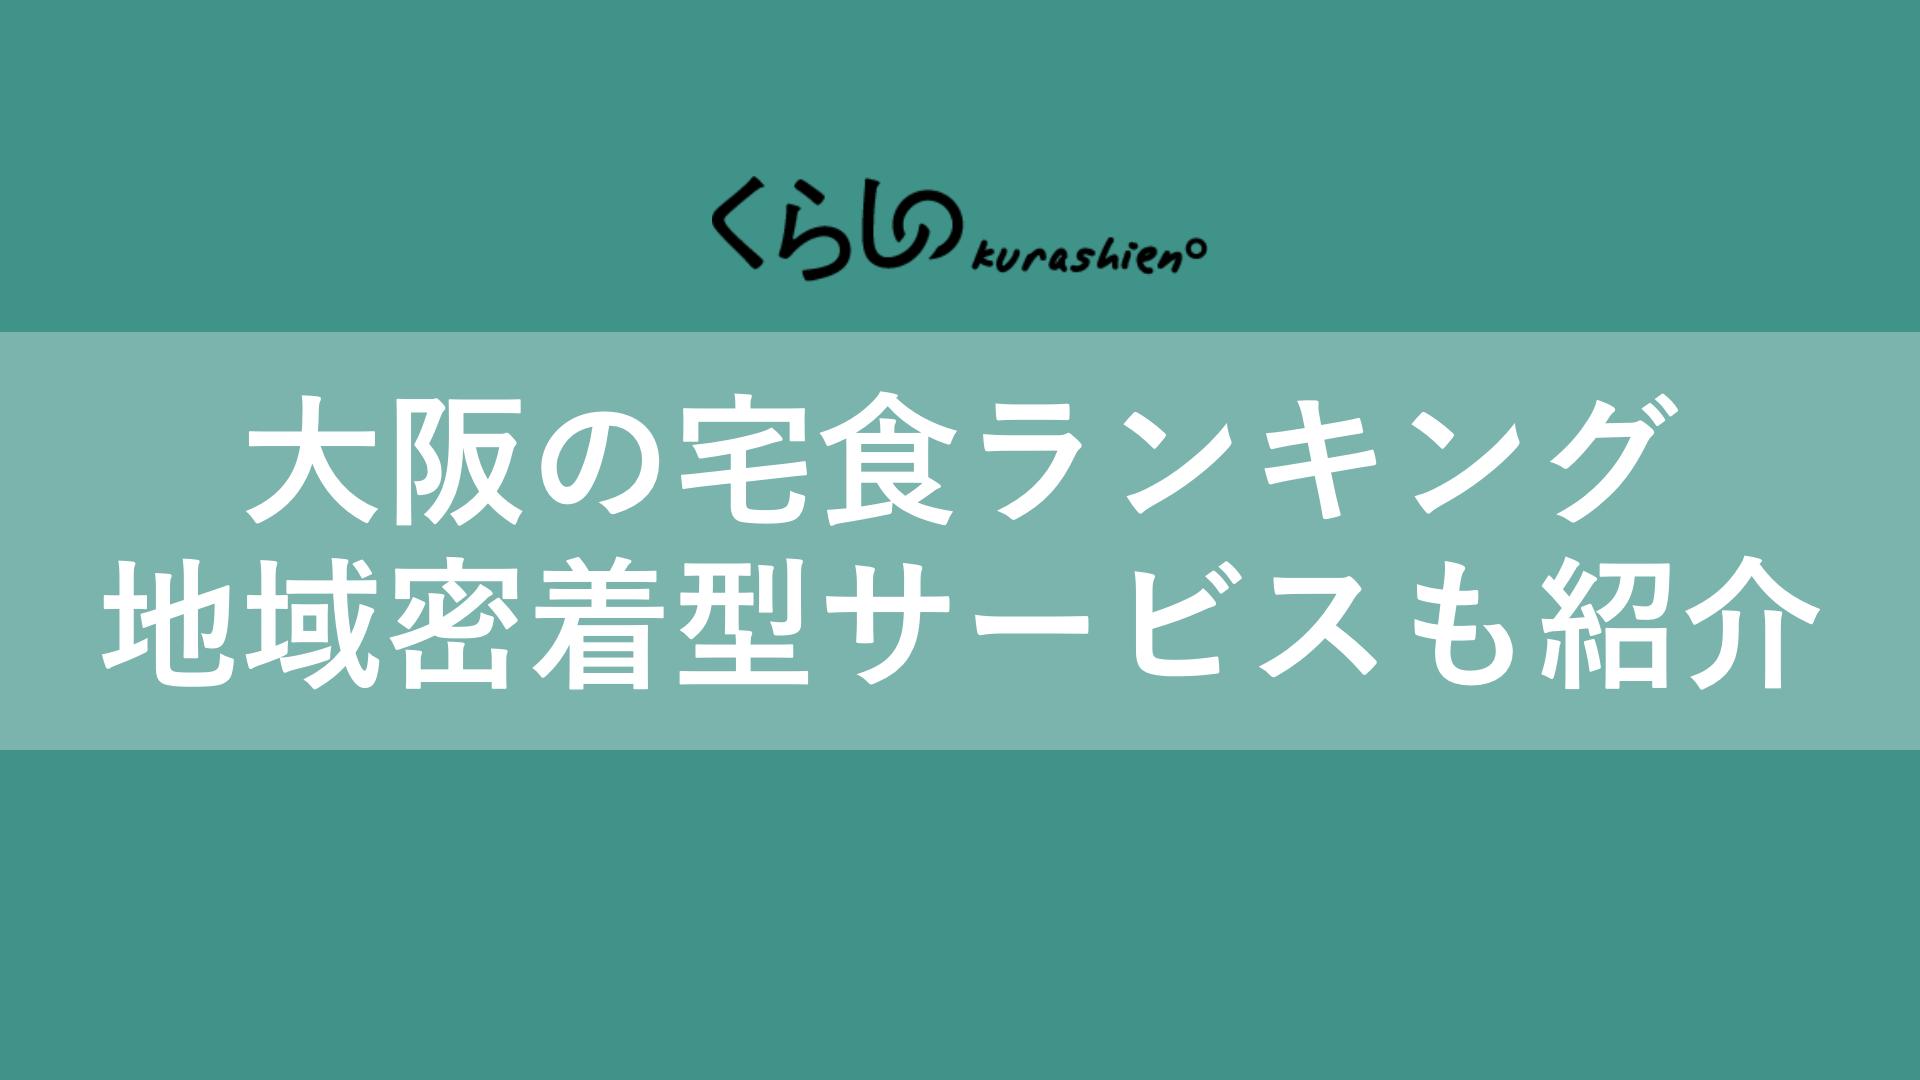 大阪府の宅食サービス・宅配弁当おすすめランキング!地域密着型サービスも紹介